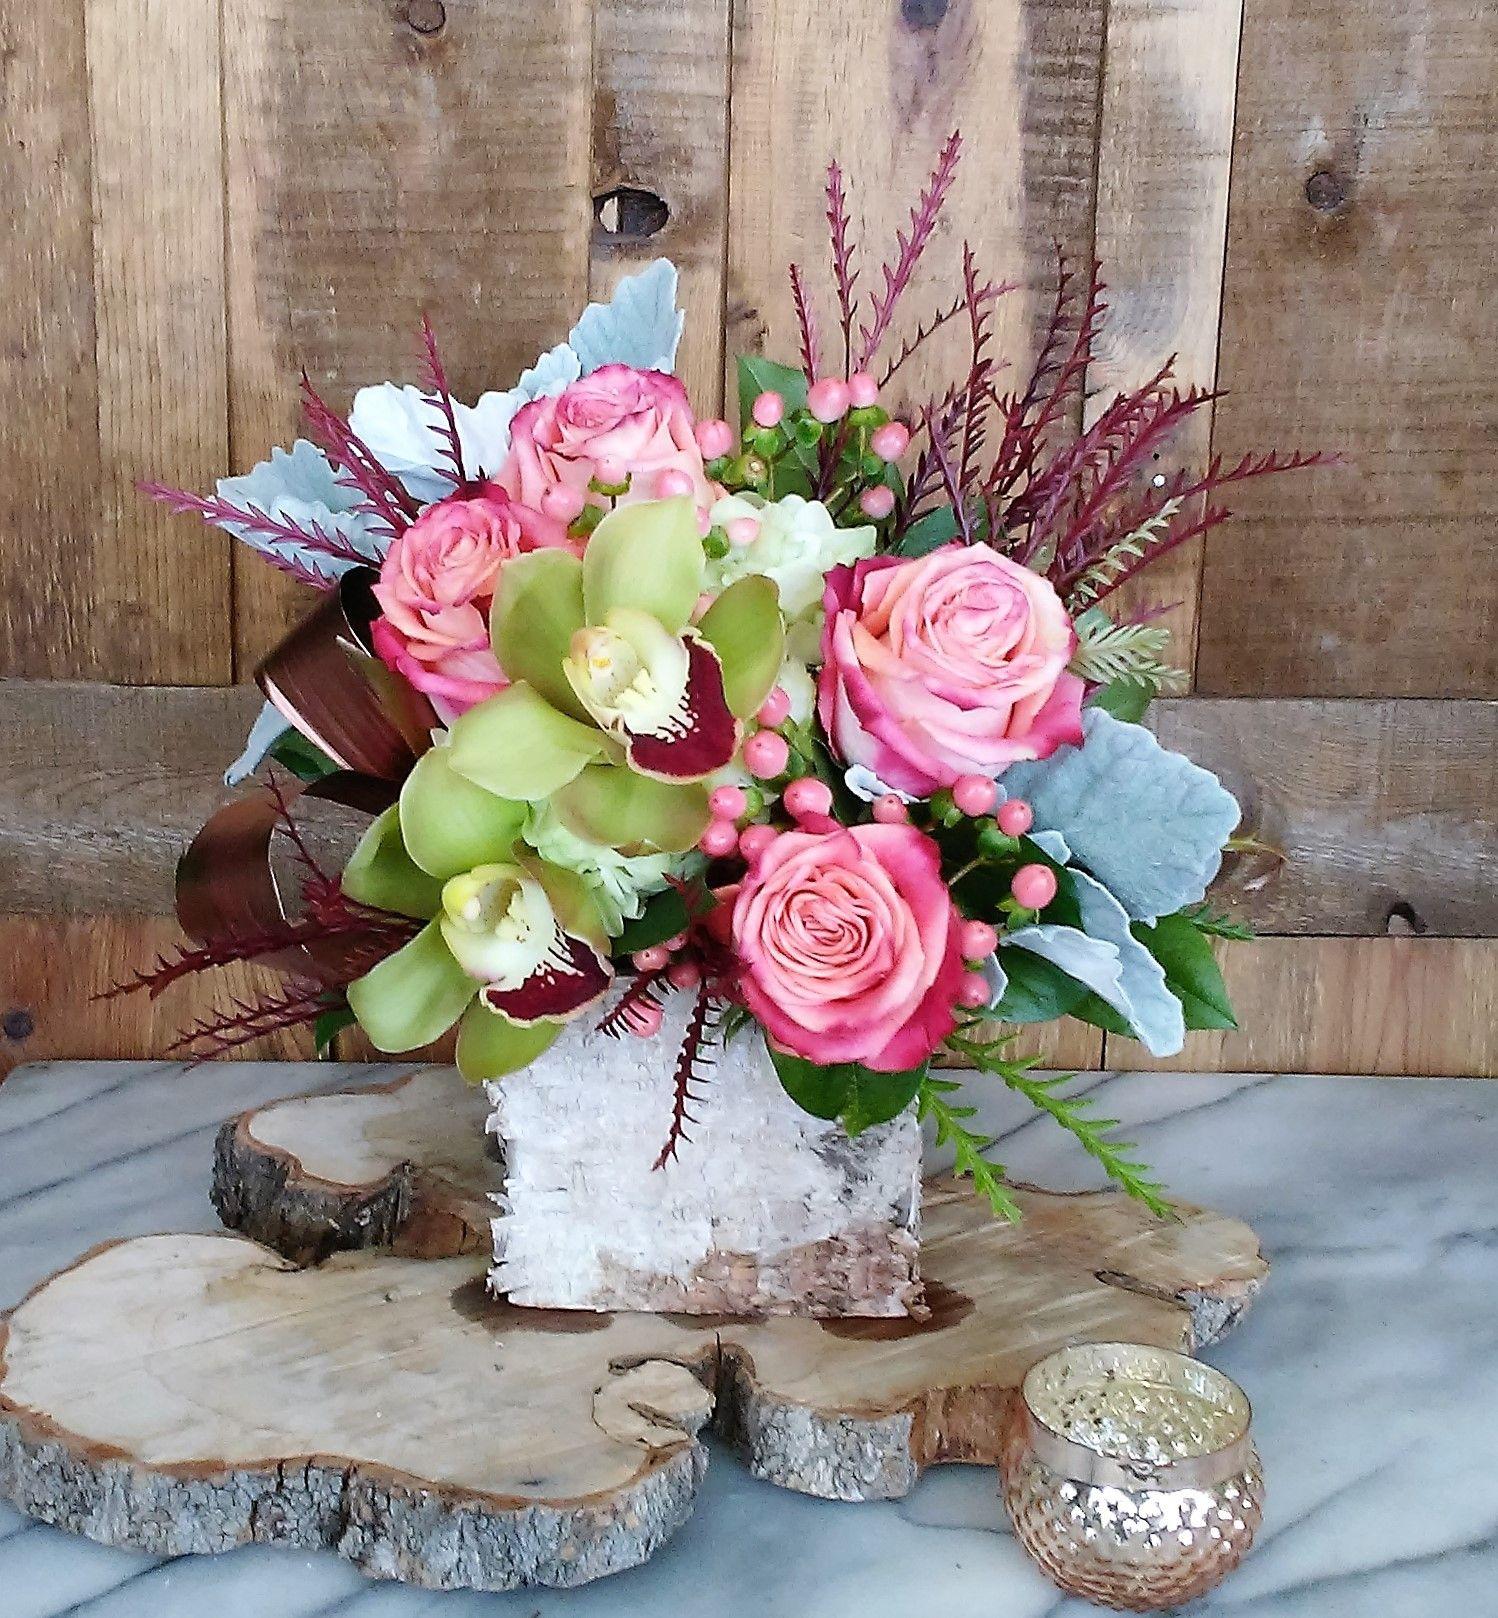 flower shops in las vegas that deliver